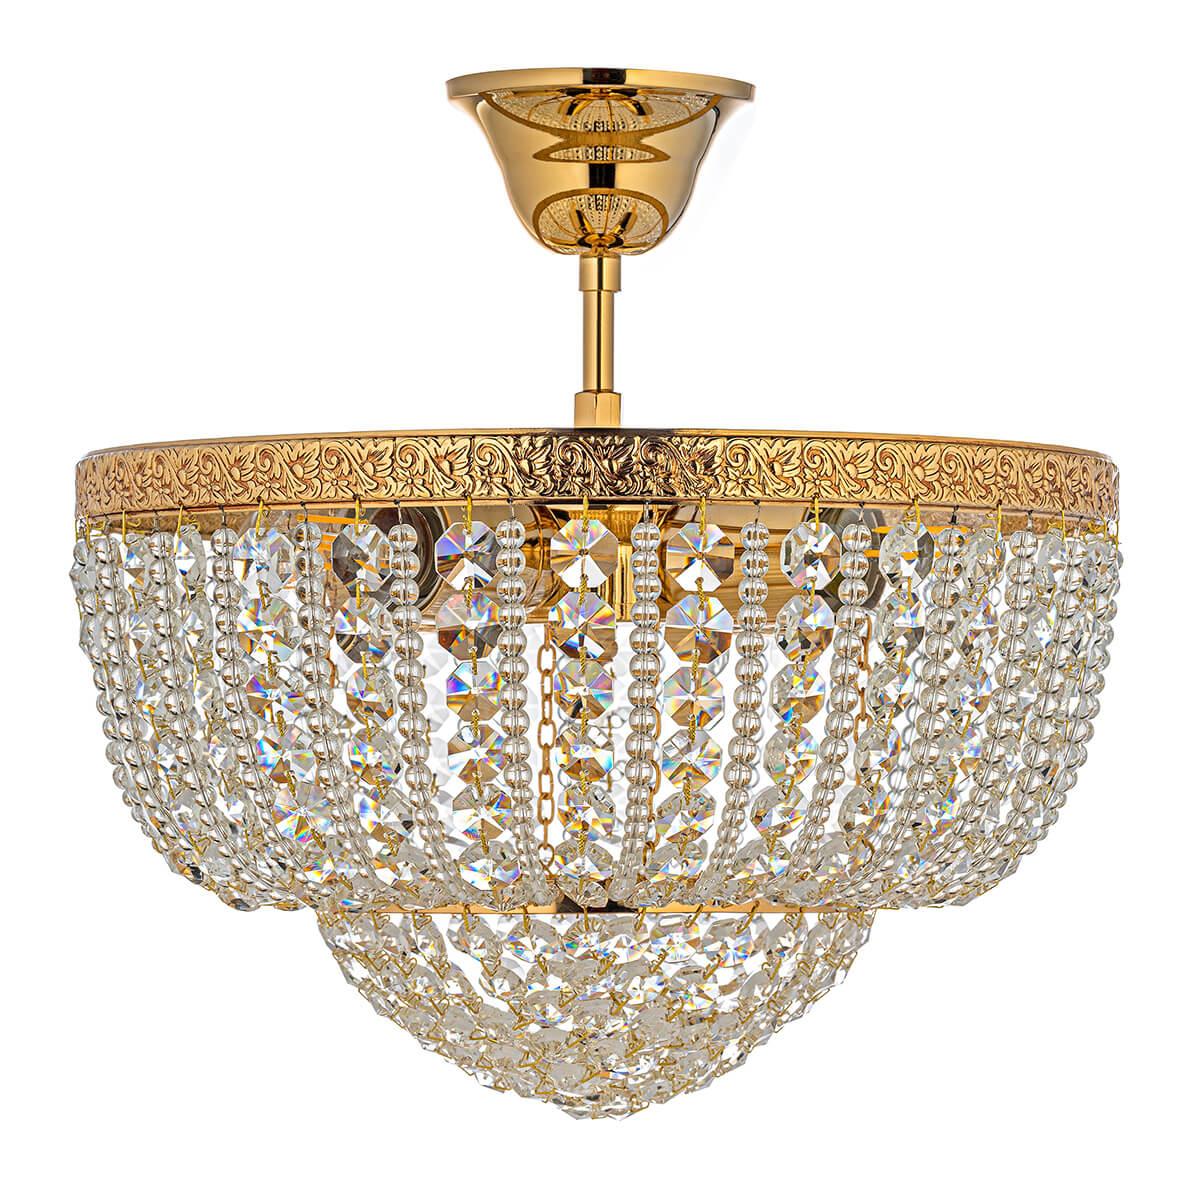 Светильник Arti Lampadari Favola E 1.3.30.502 G Gold